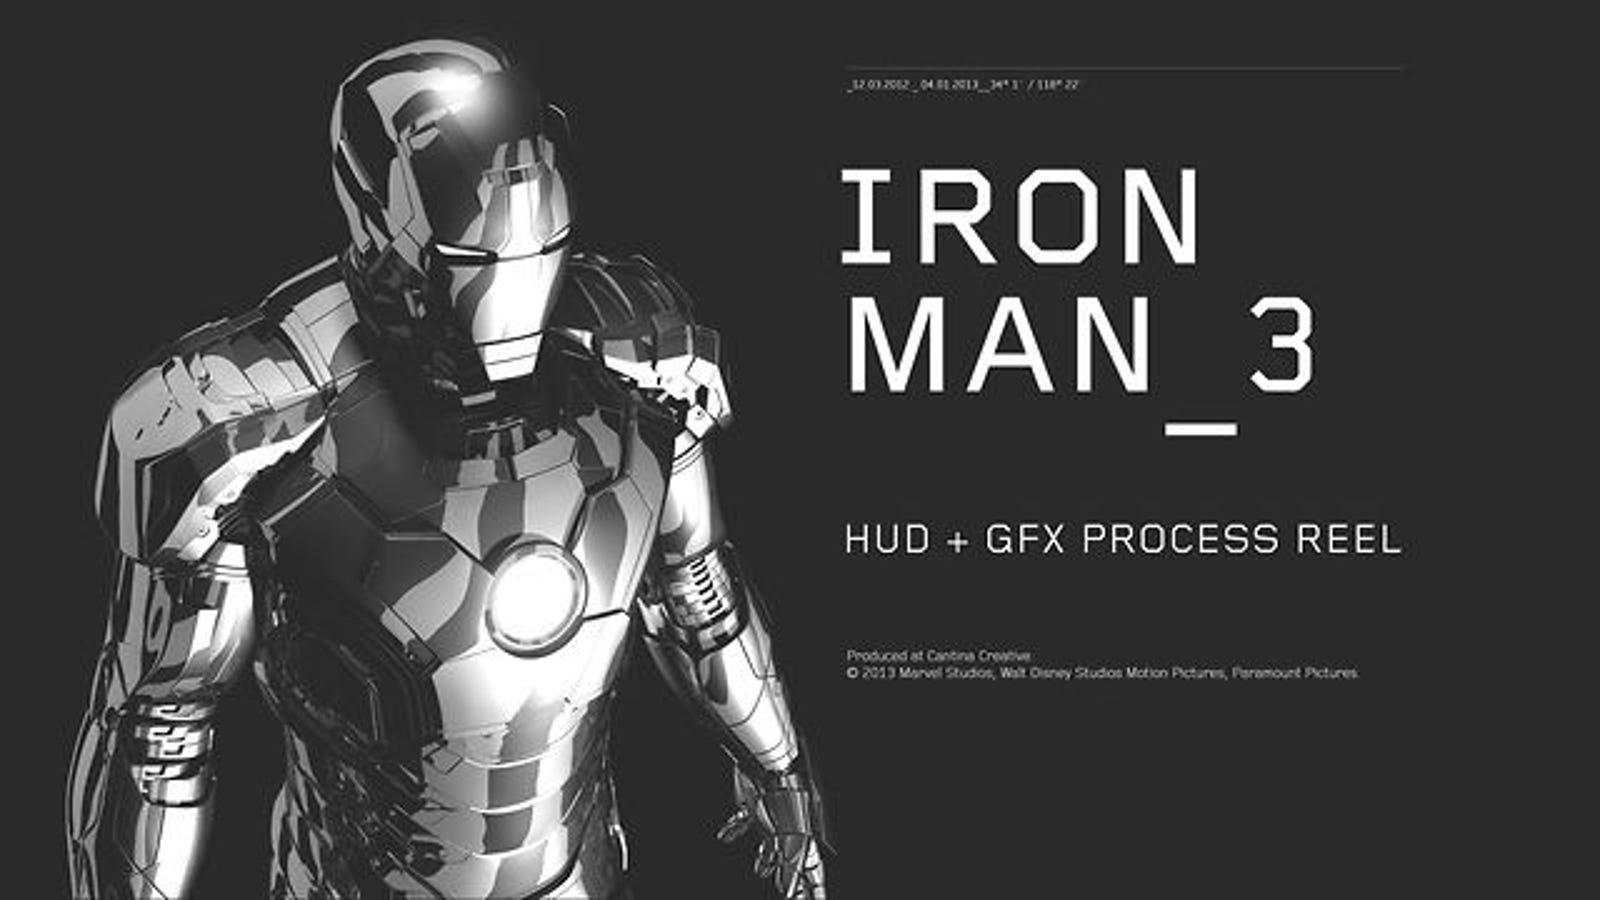 Los efectos especiales dentro del casco de Iron Man 3